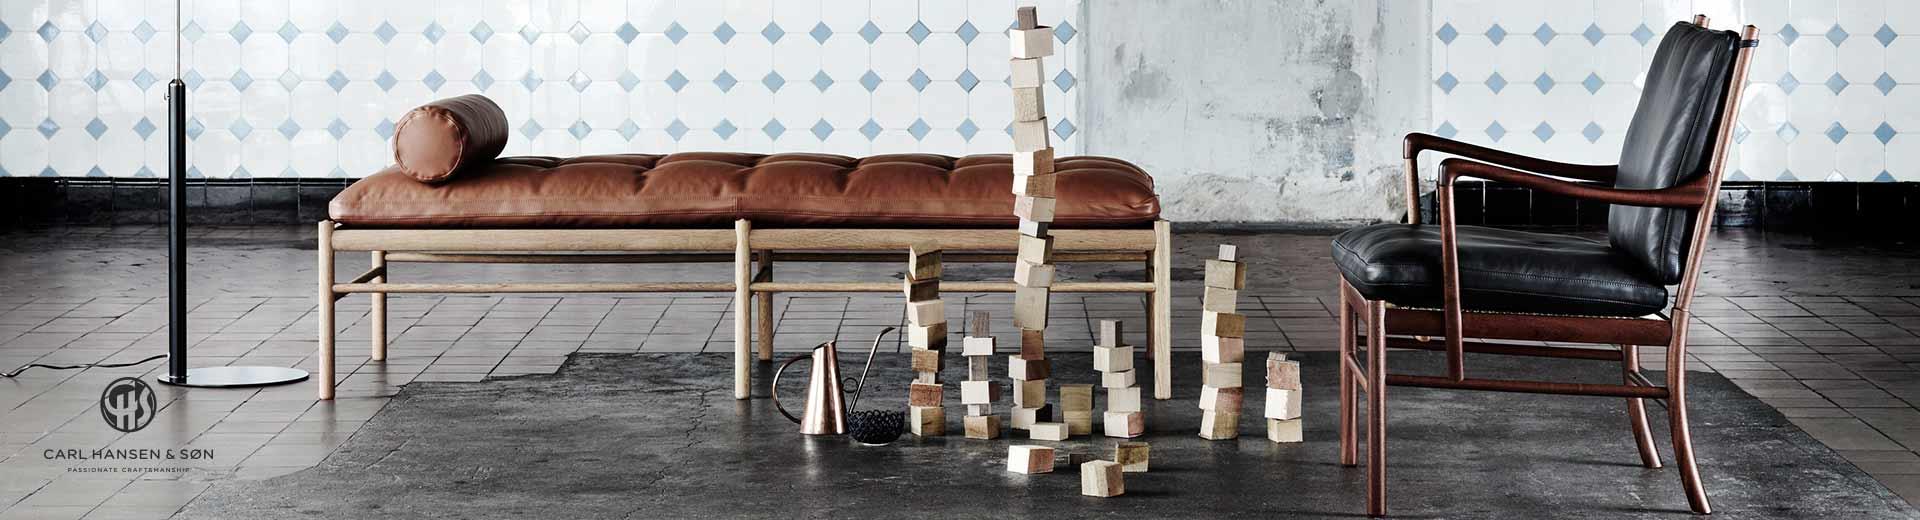 Designermöbel von Carl Hansen & Son - Handwerk aus Tradition